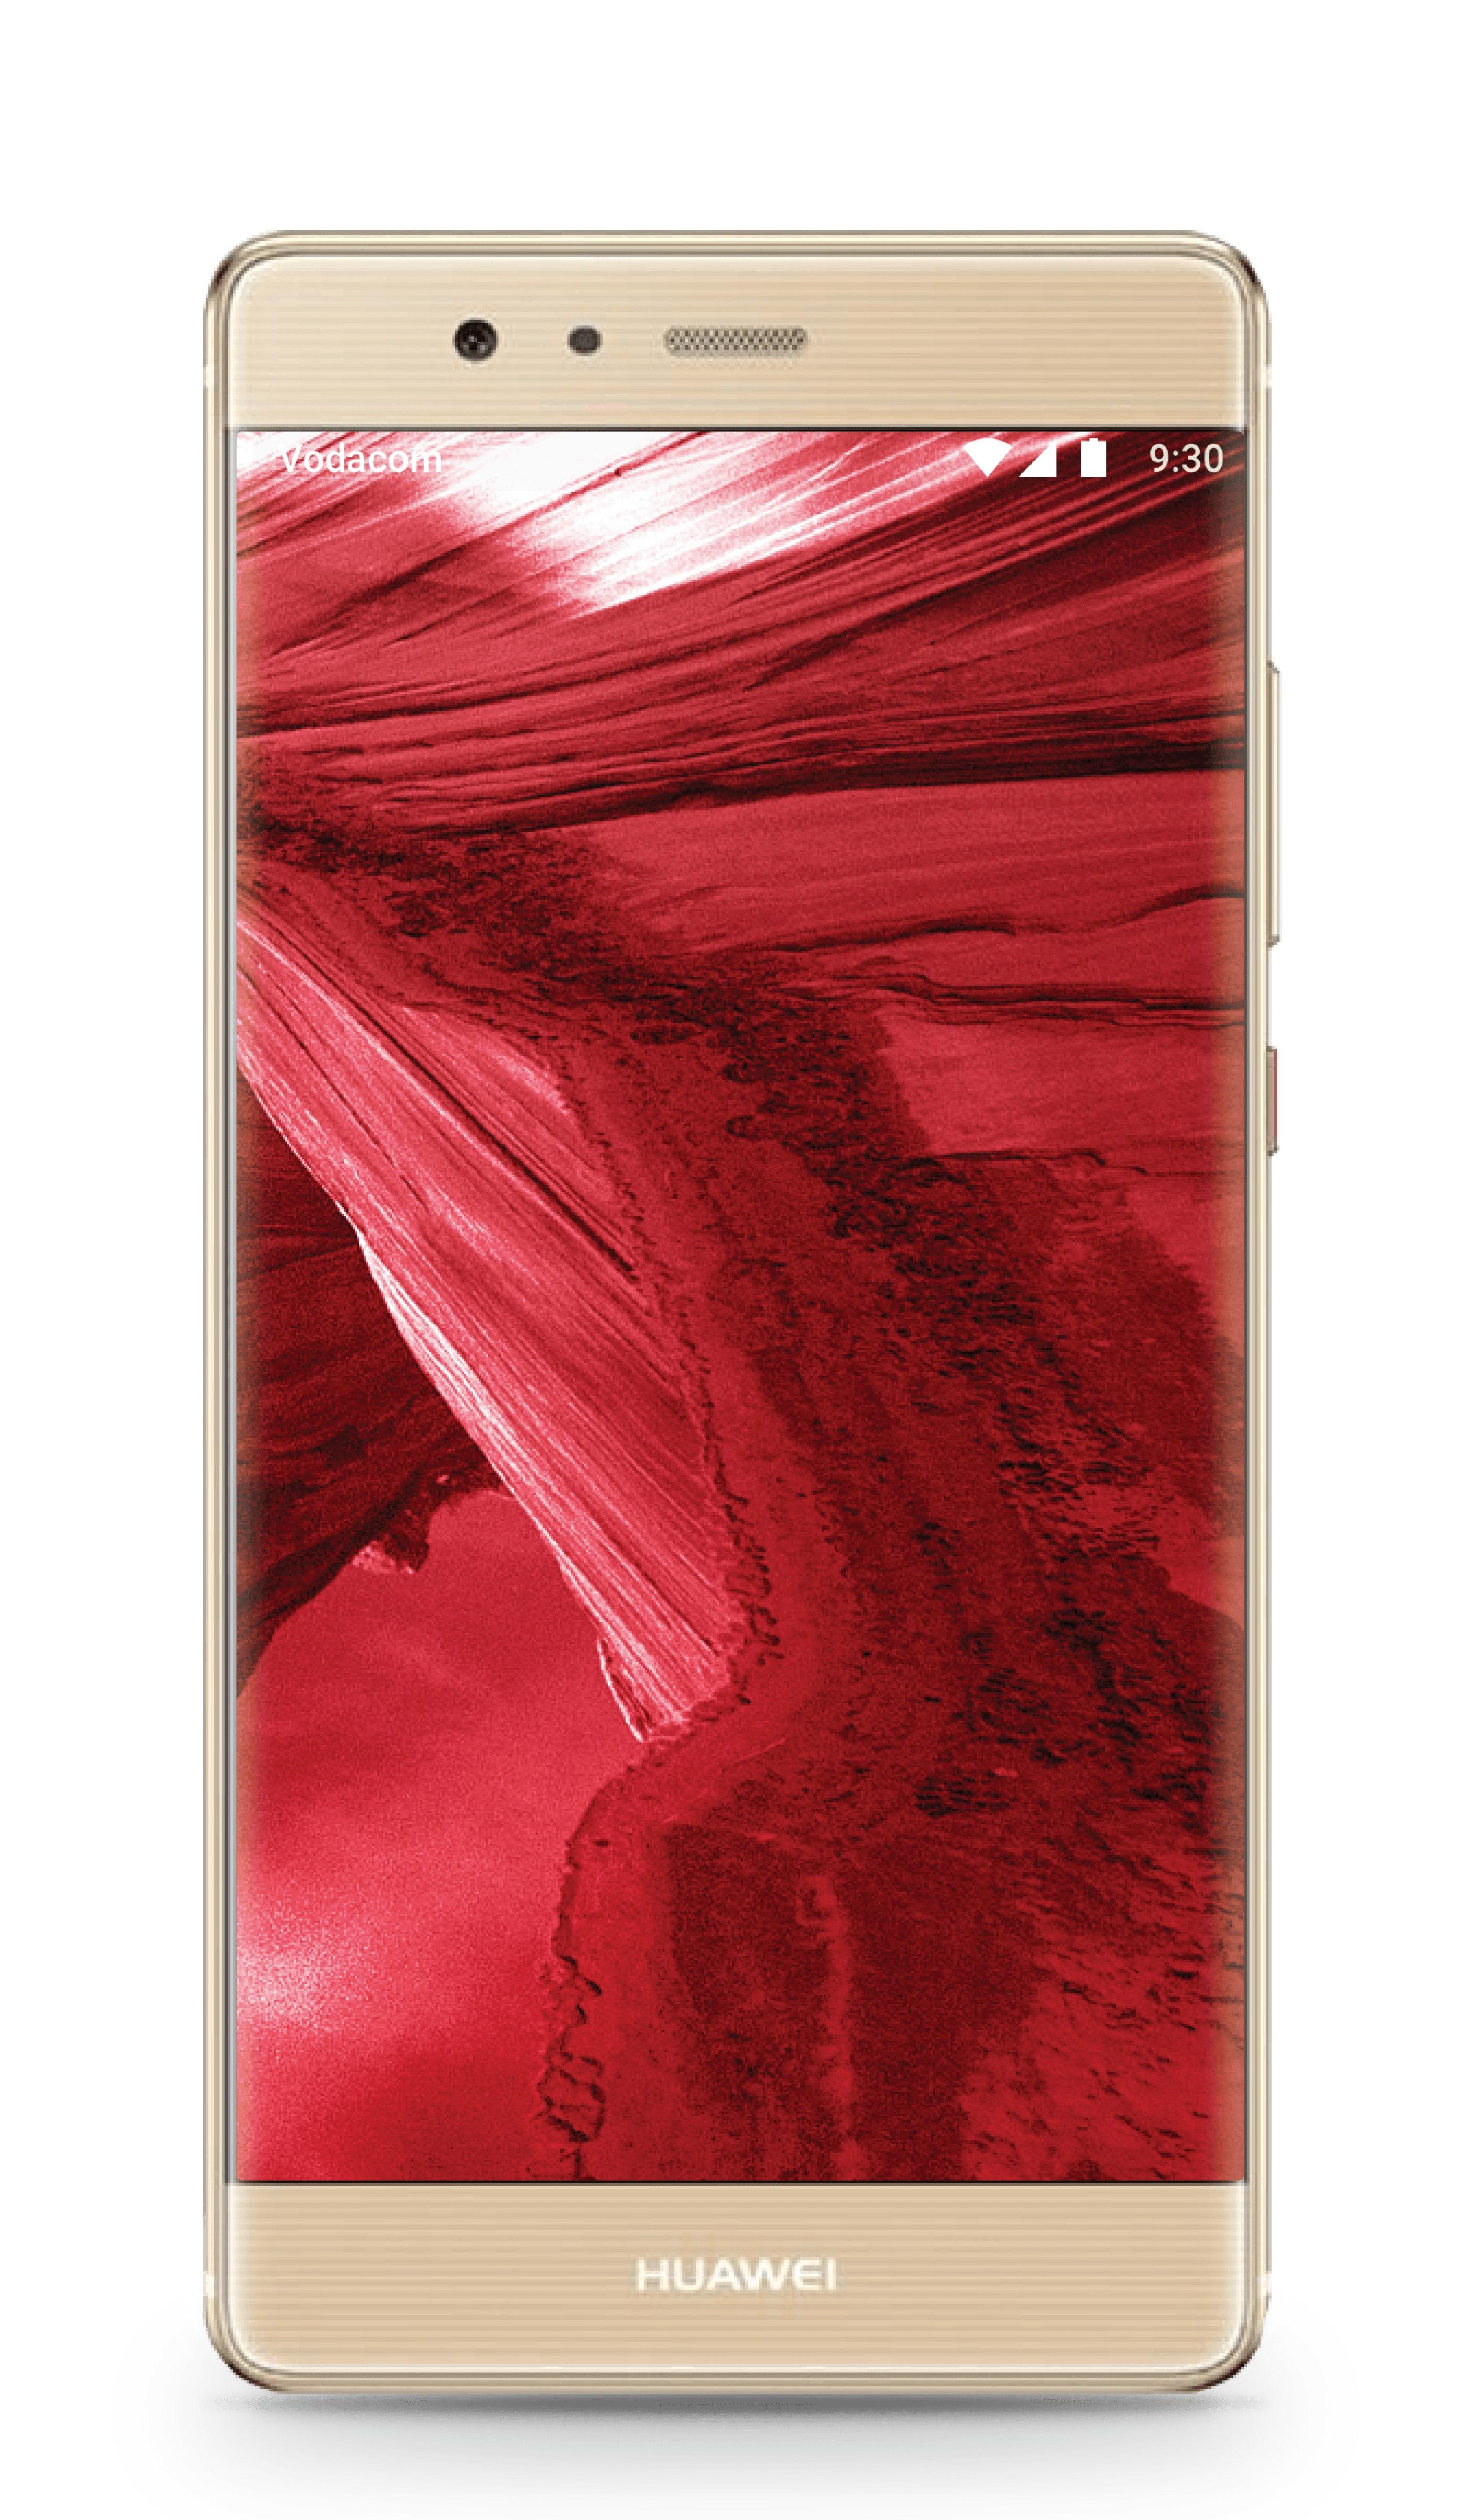 Huawei P9 Plus image